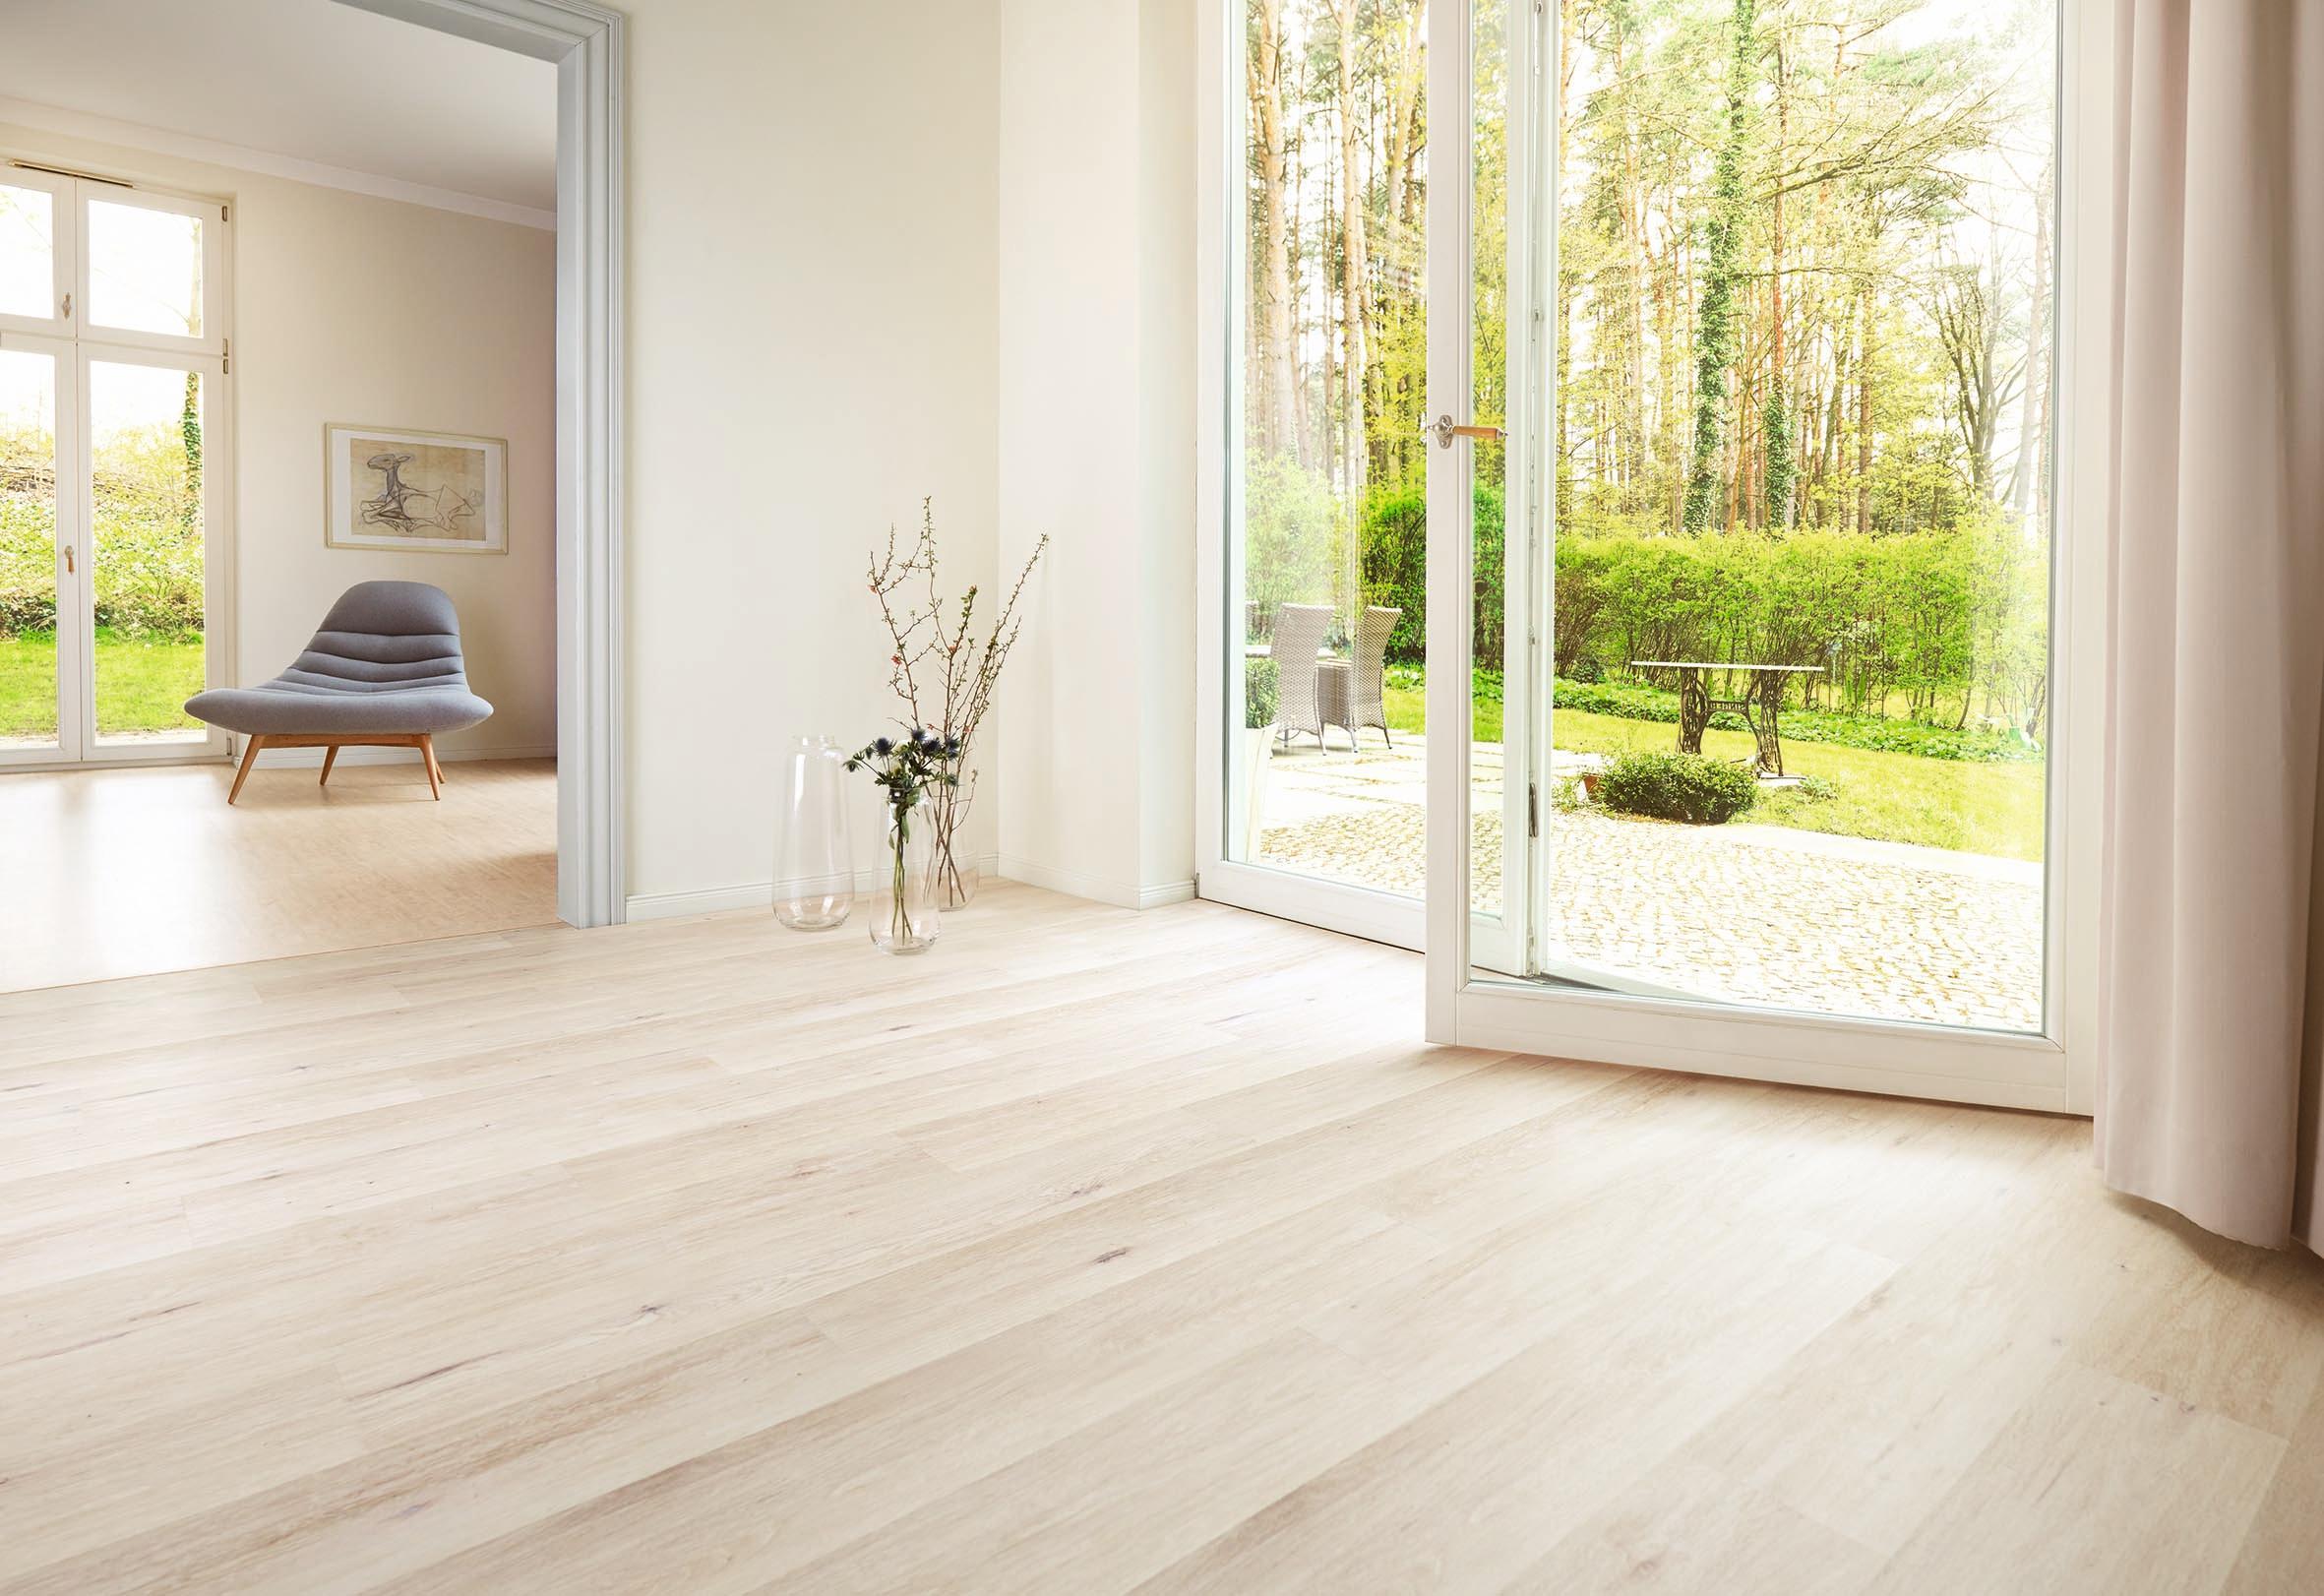 die neue traumwohnung liebe geht durch die fu sohlen pressemitteilung deutscher kork verband e v. Black Bedroom Furniture Sets. Home Design Ideas